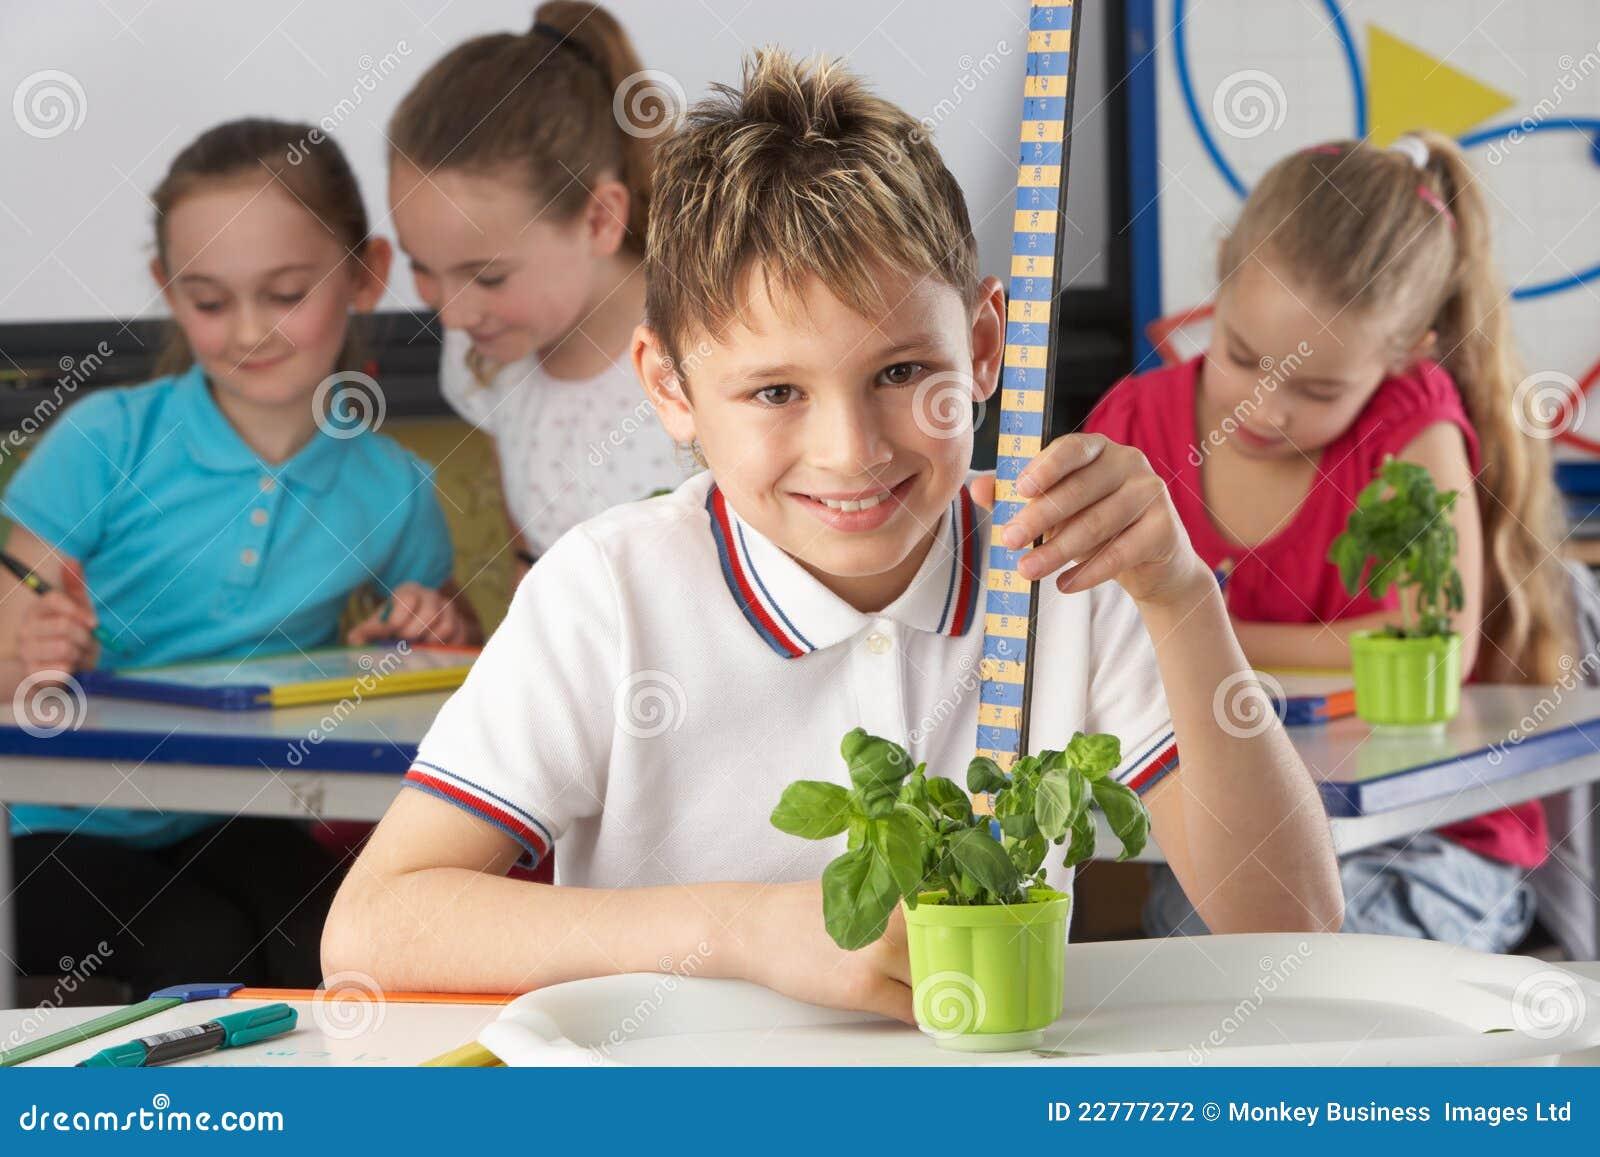 Αγόρι που μαθαίνει για τα φυτά στη σχολική τάξη